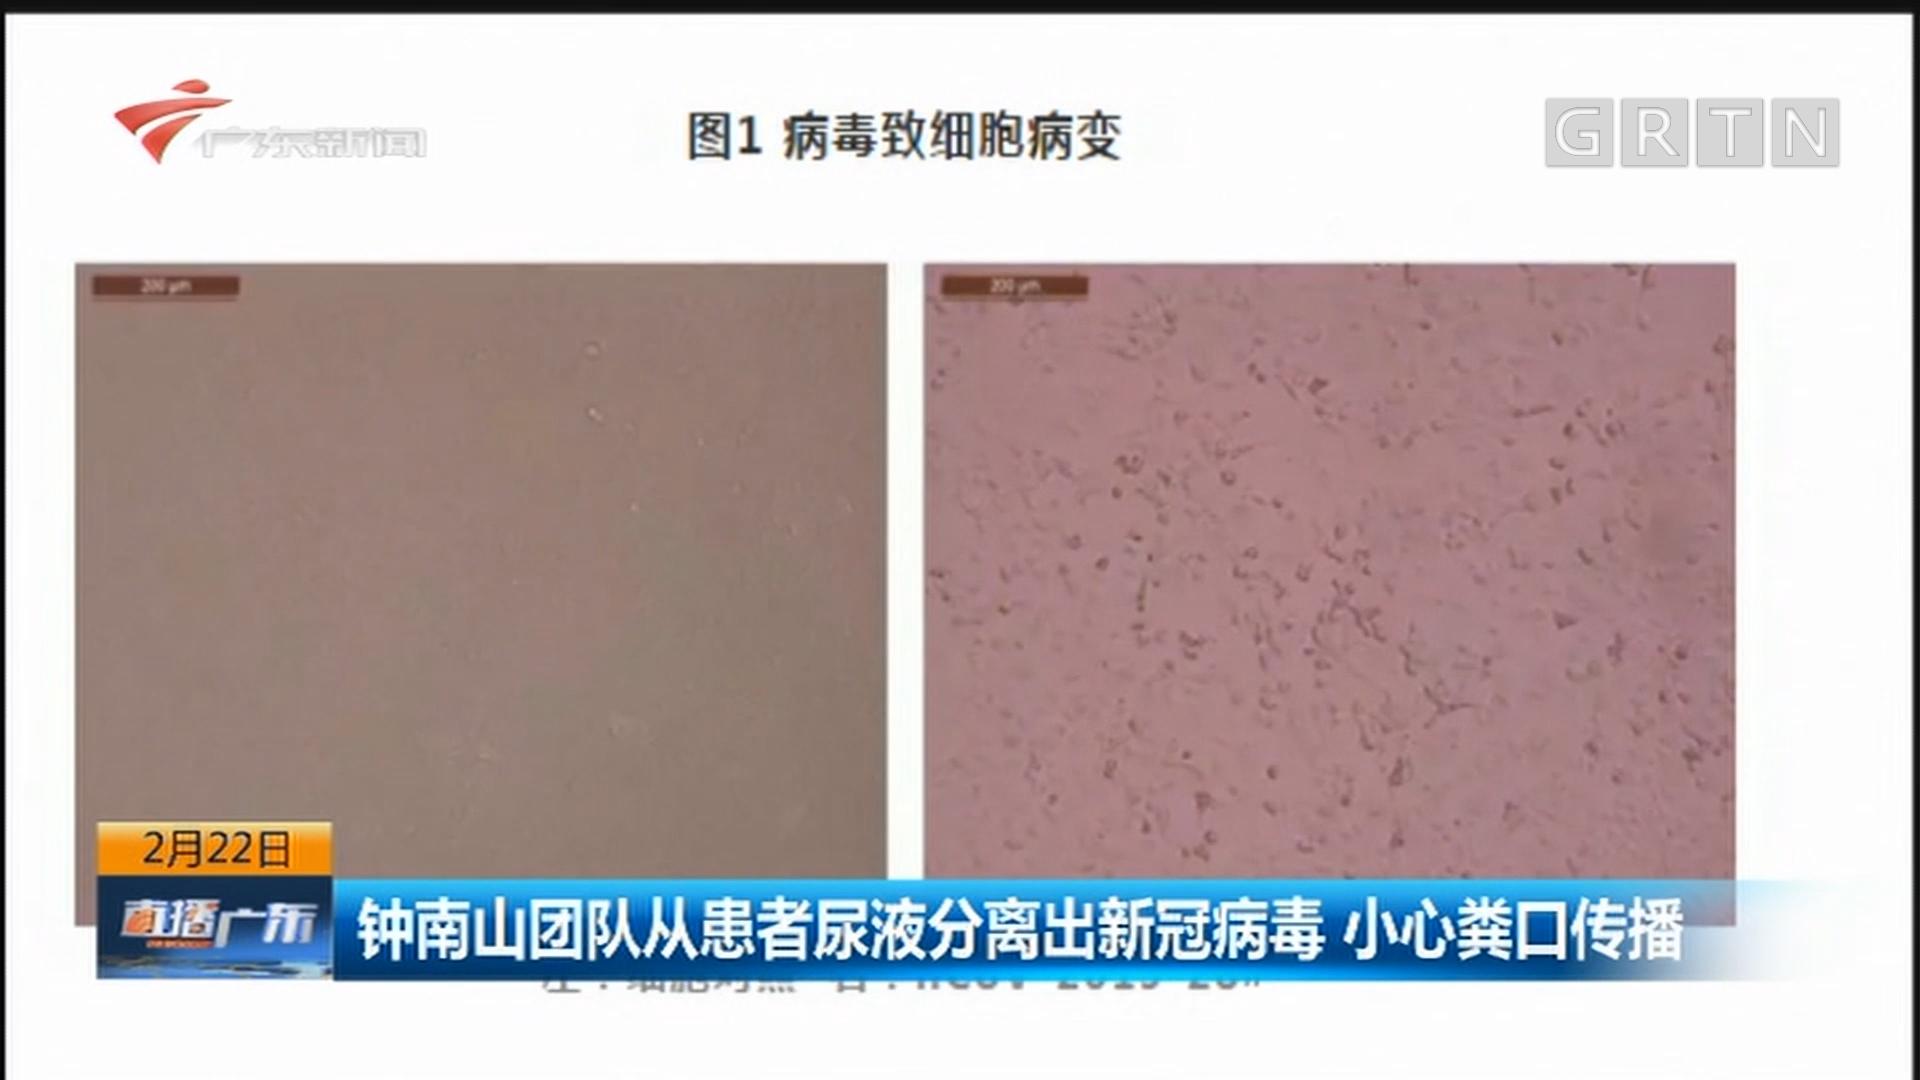 钟南山团队从患者尿液分离出新冠病毒 小心粪口传播